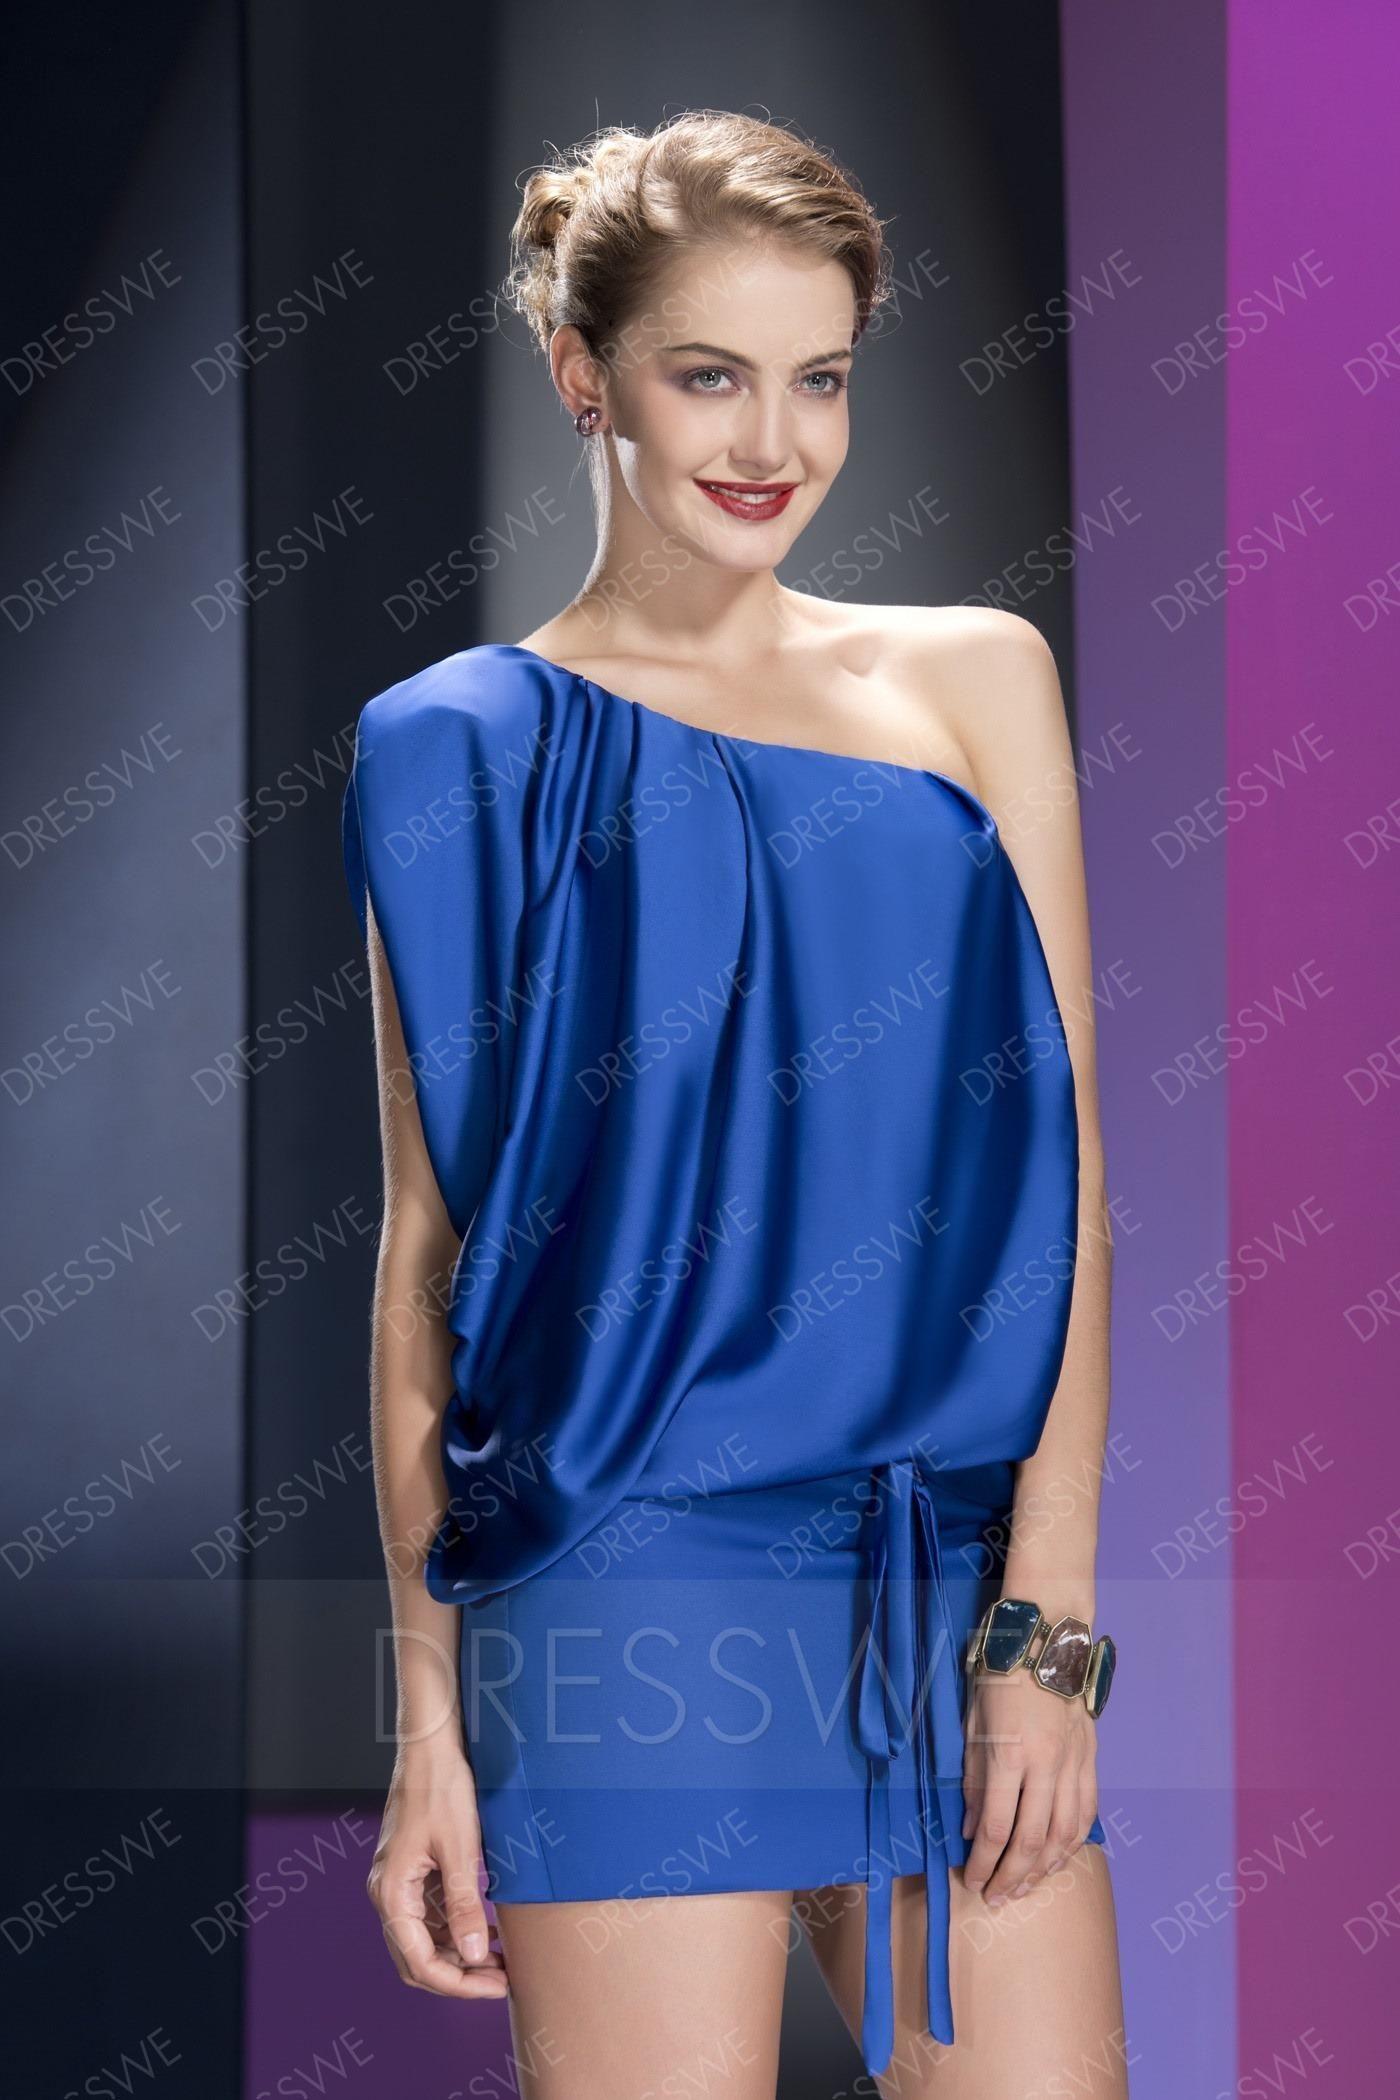 Dresswe dresswe sleeveless sheathcolumn mini oneshoulder